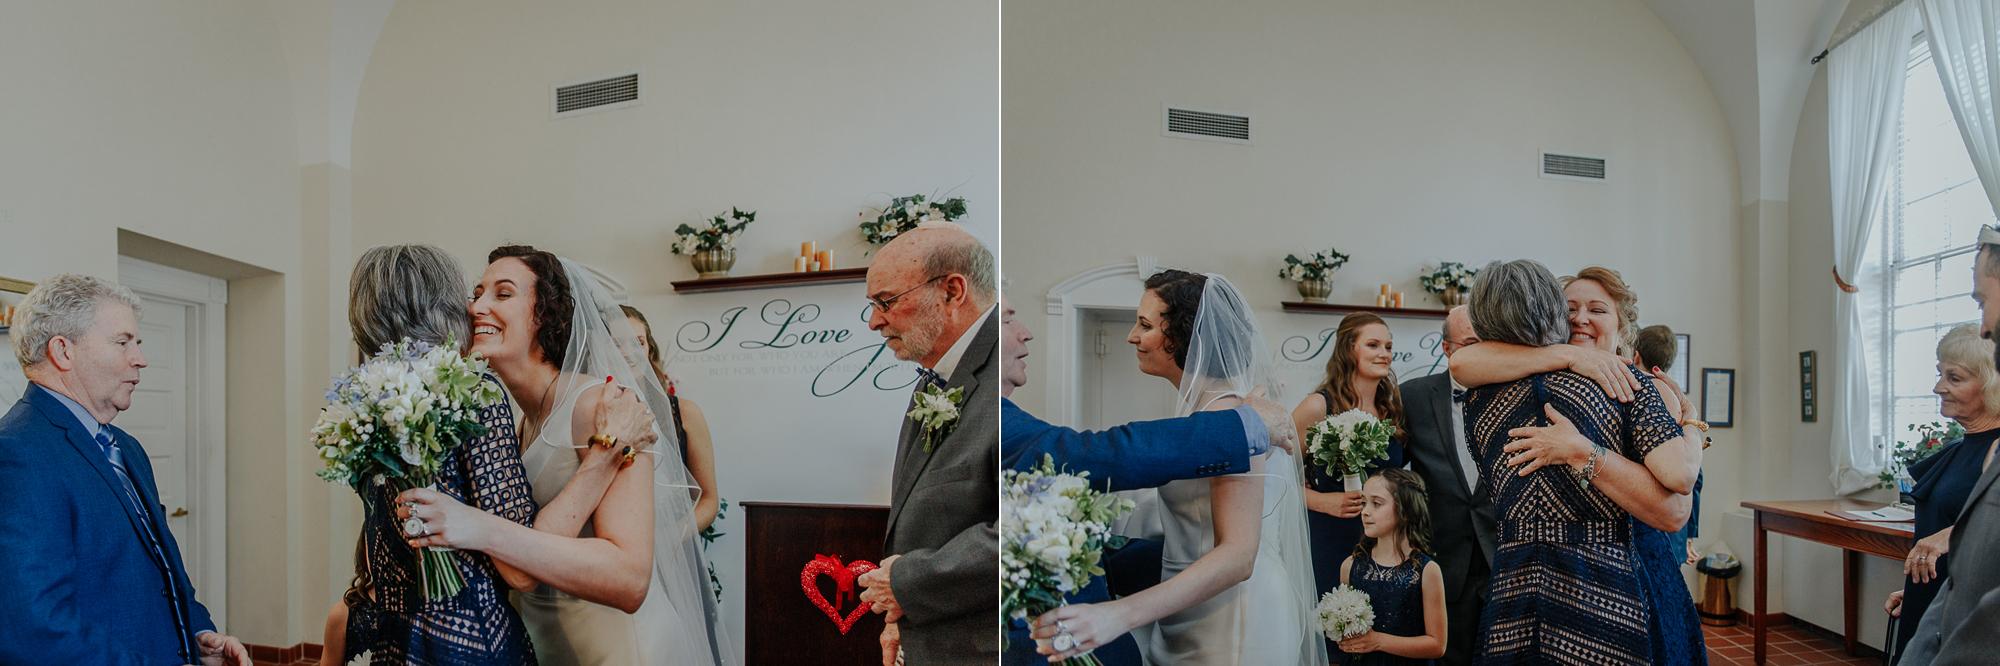 059-annapolis_courthouse_wedding.jpg